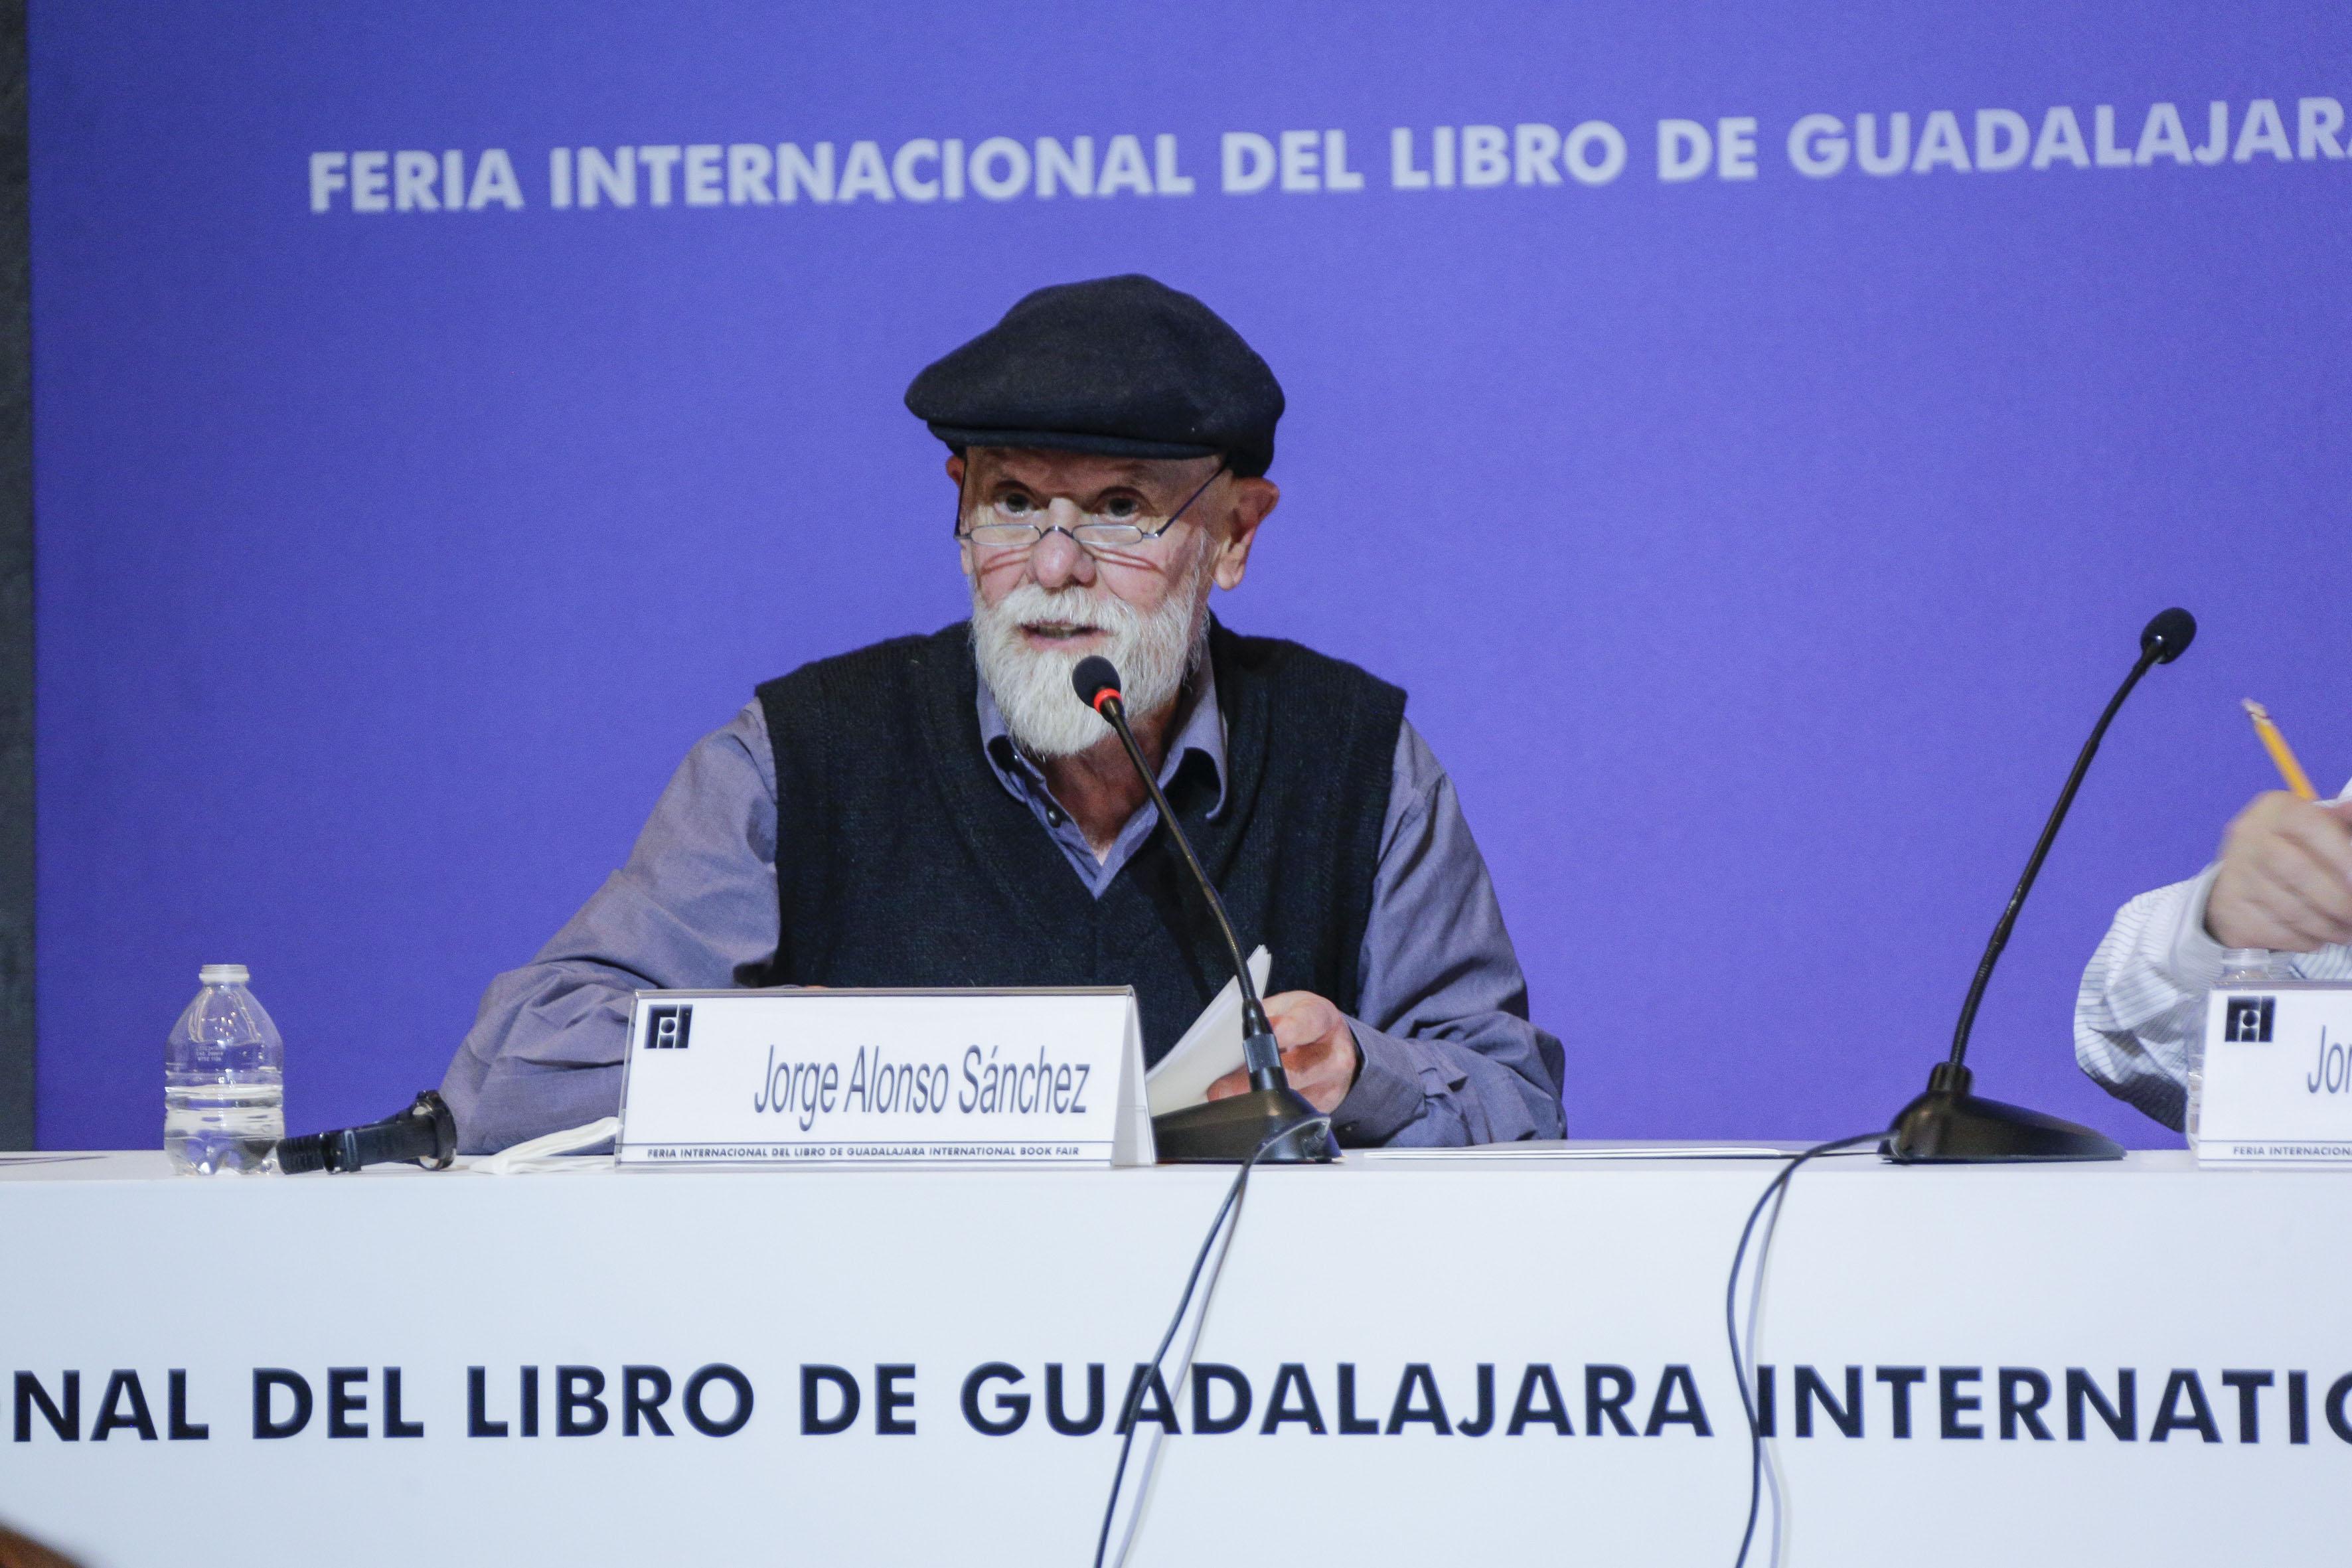 doctor Jorge Alonso Sánchez, investigador Emérito en el CIESAS Occidente, participando en el XIV Encuentro de Humanistas, organizado por la Vicerrectoría Ejecutiva de la Universidad de Guadalajara, en el marco de la Feria Internacional del Libro.